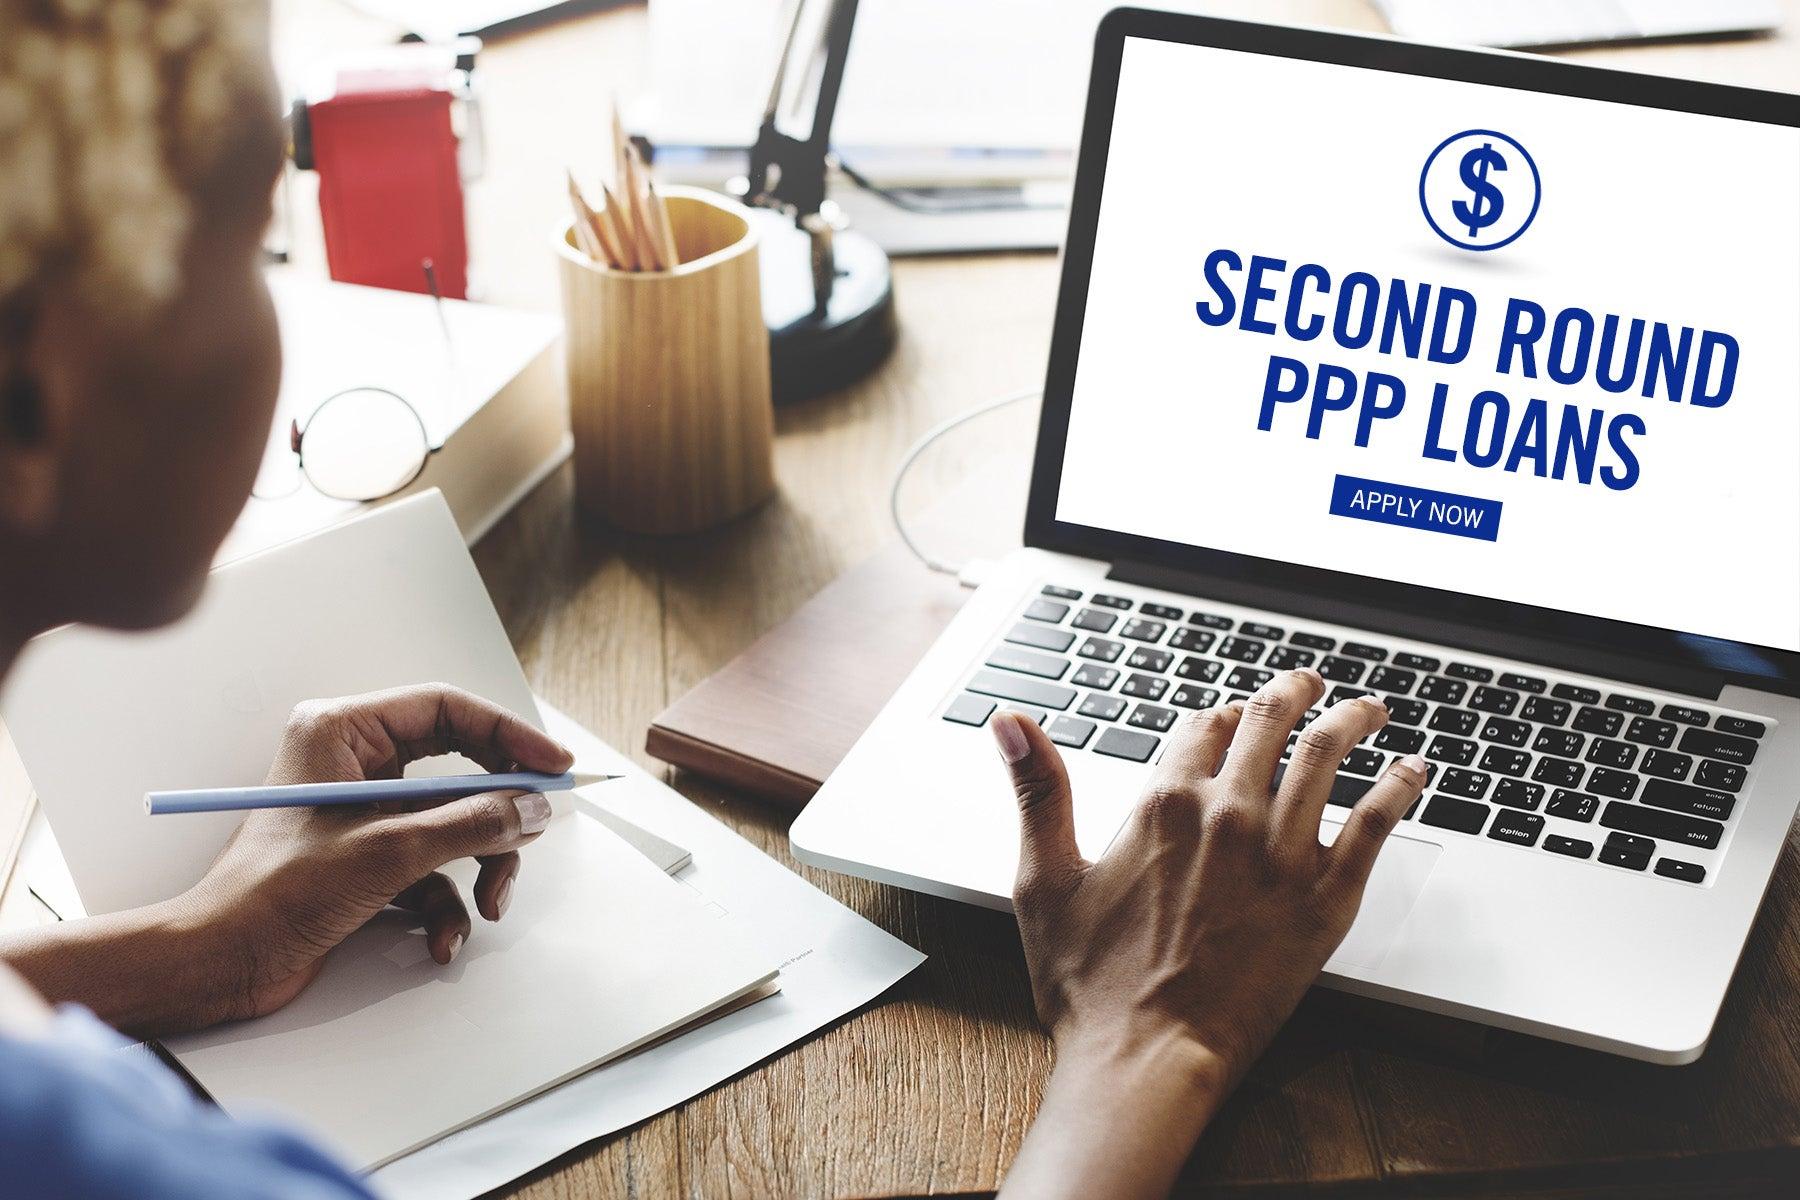 PPP_Loan.jpg